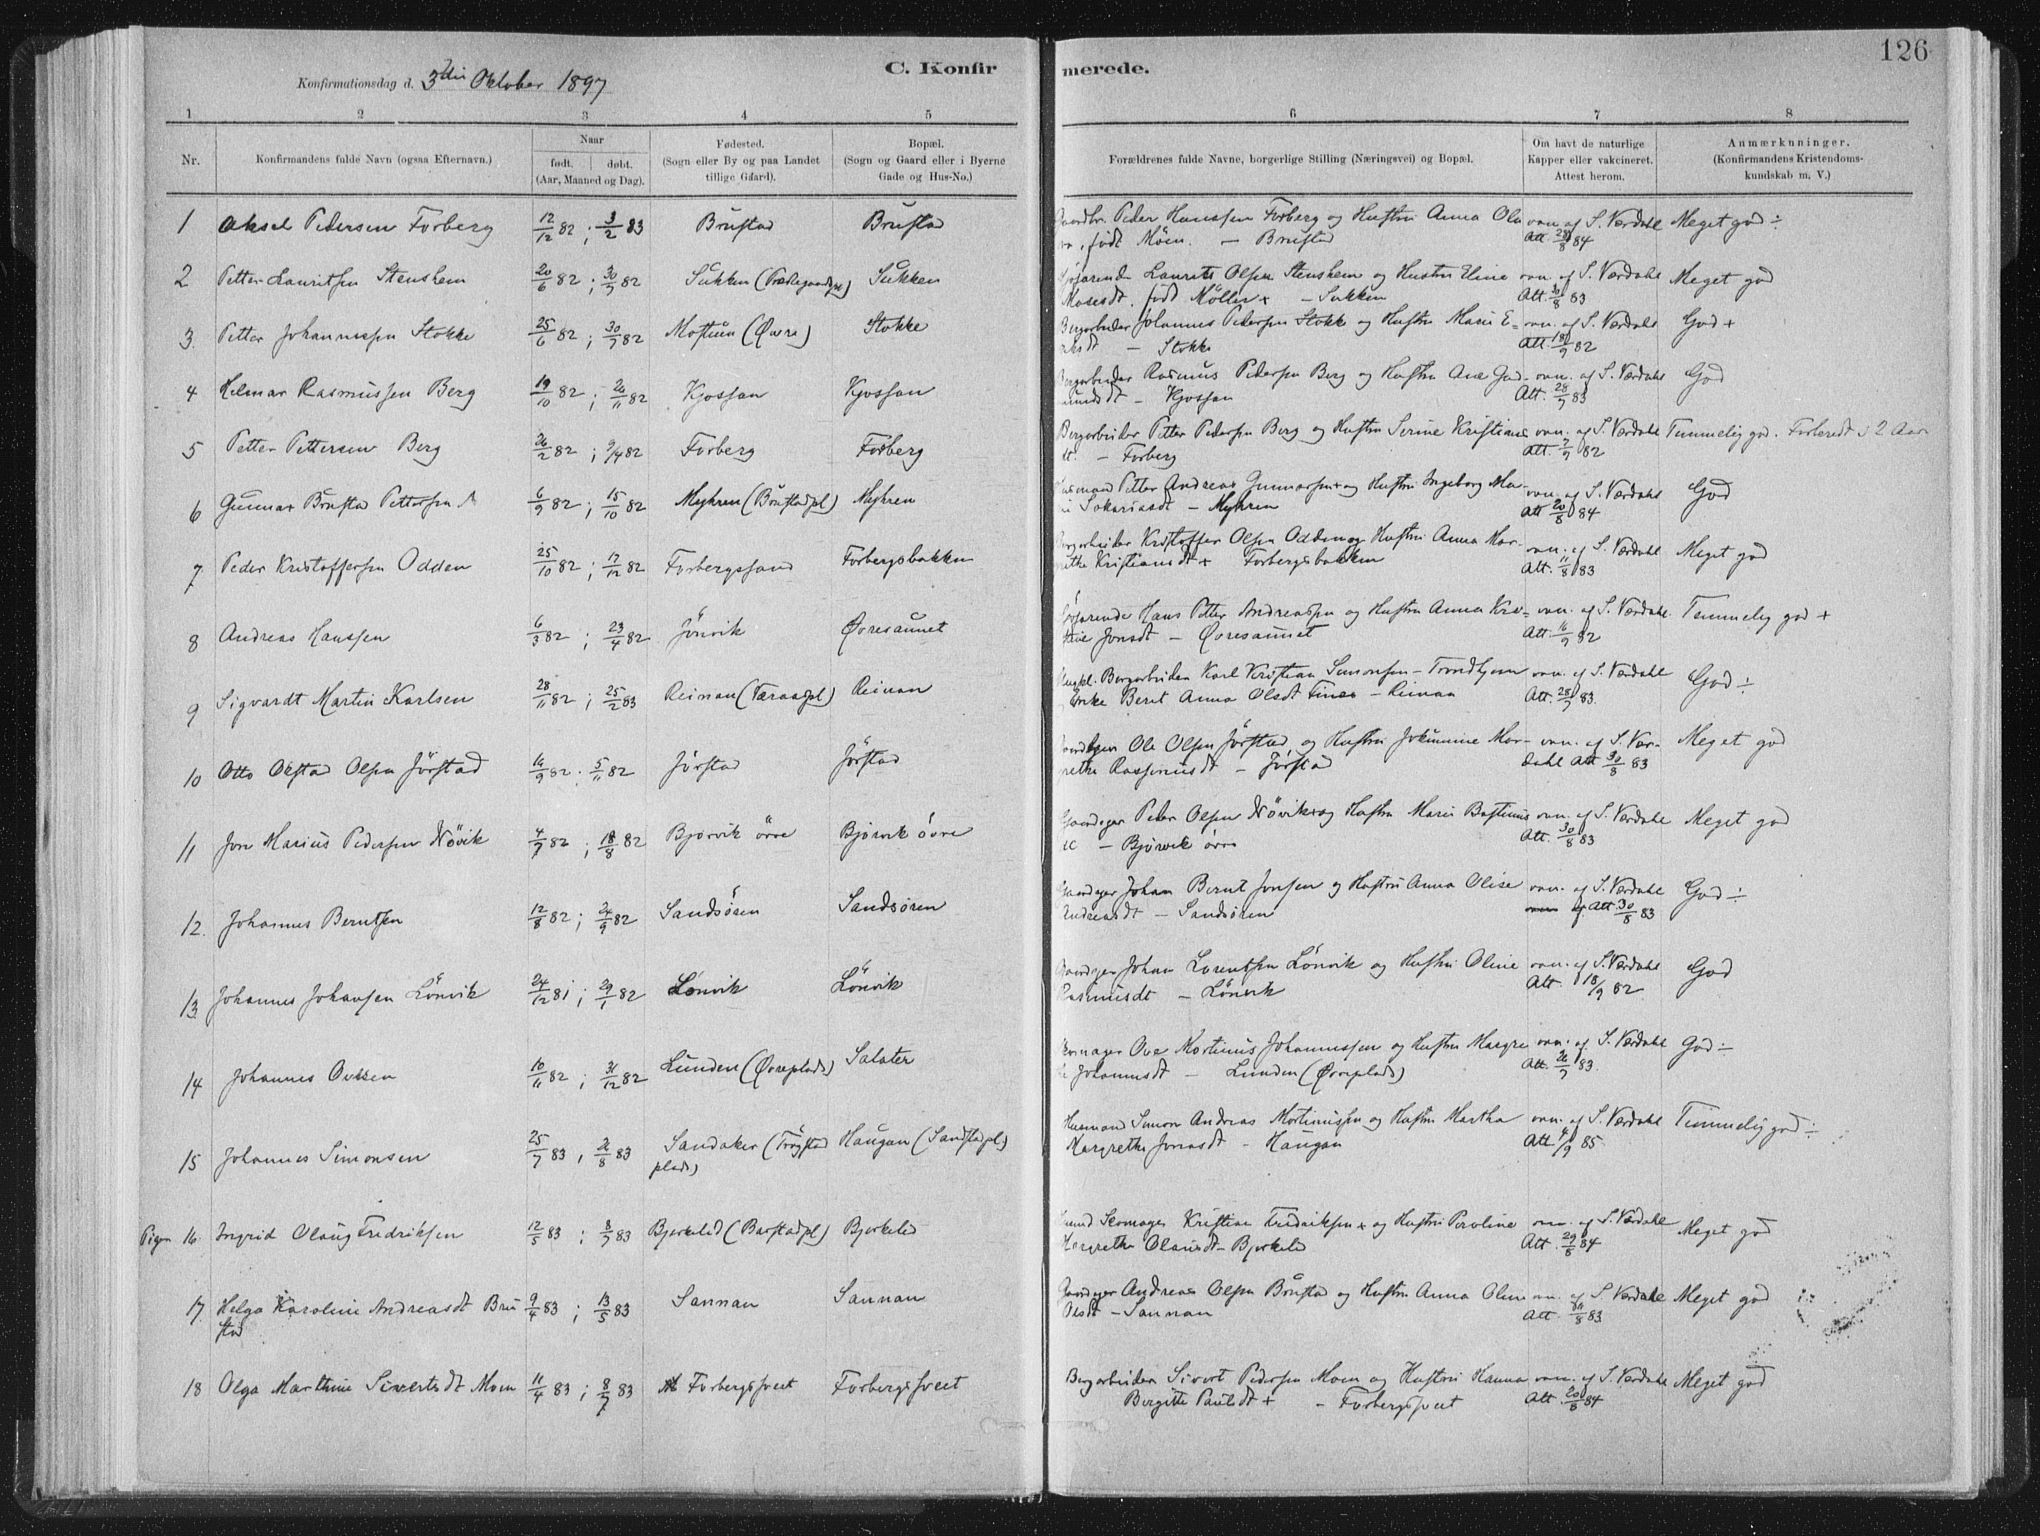 SAT, Ministerialprotokoller, klokkerbøker og fødselsregistre - Nord-Trøndelag, 722/L0220: Ministerialbok nr. 722A07, 1881-1908, s. 126